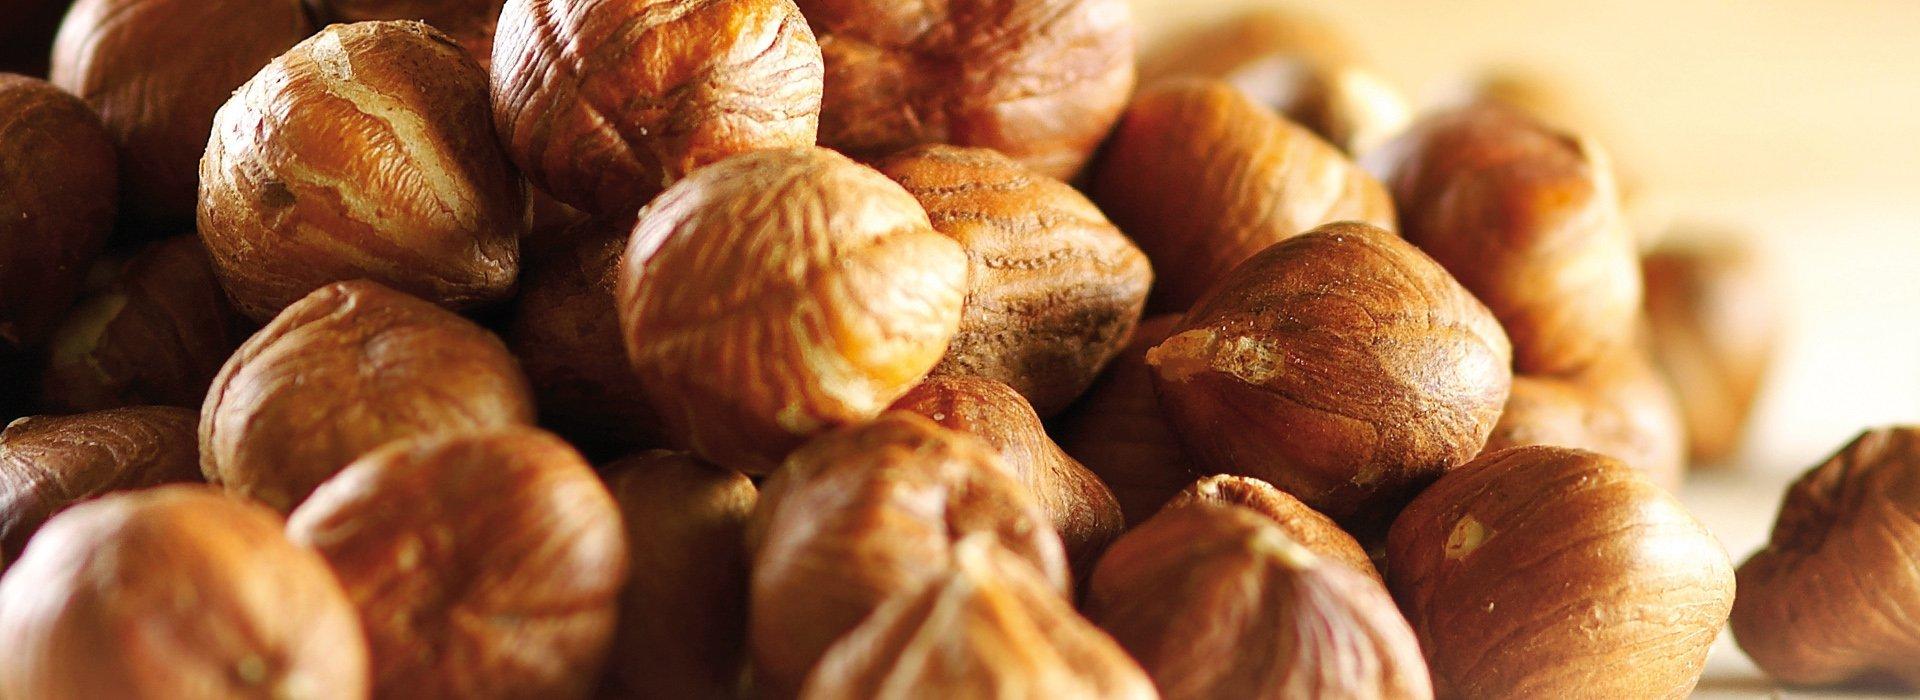 Nocciole, uno degli ingredienti principali